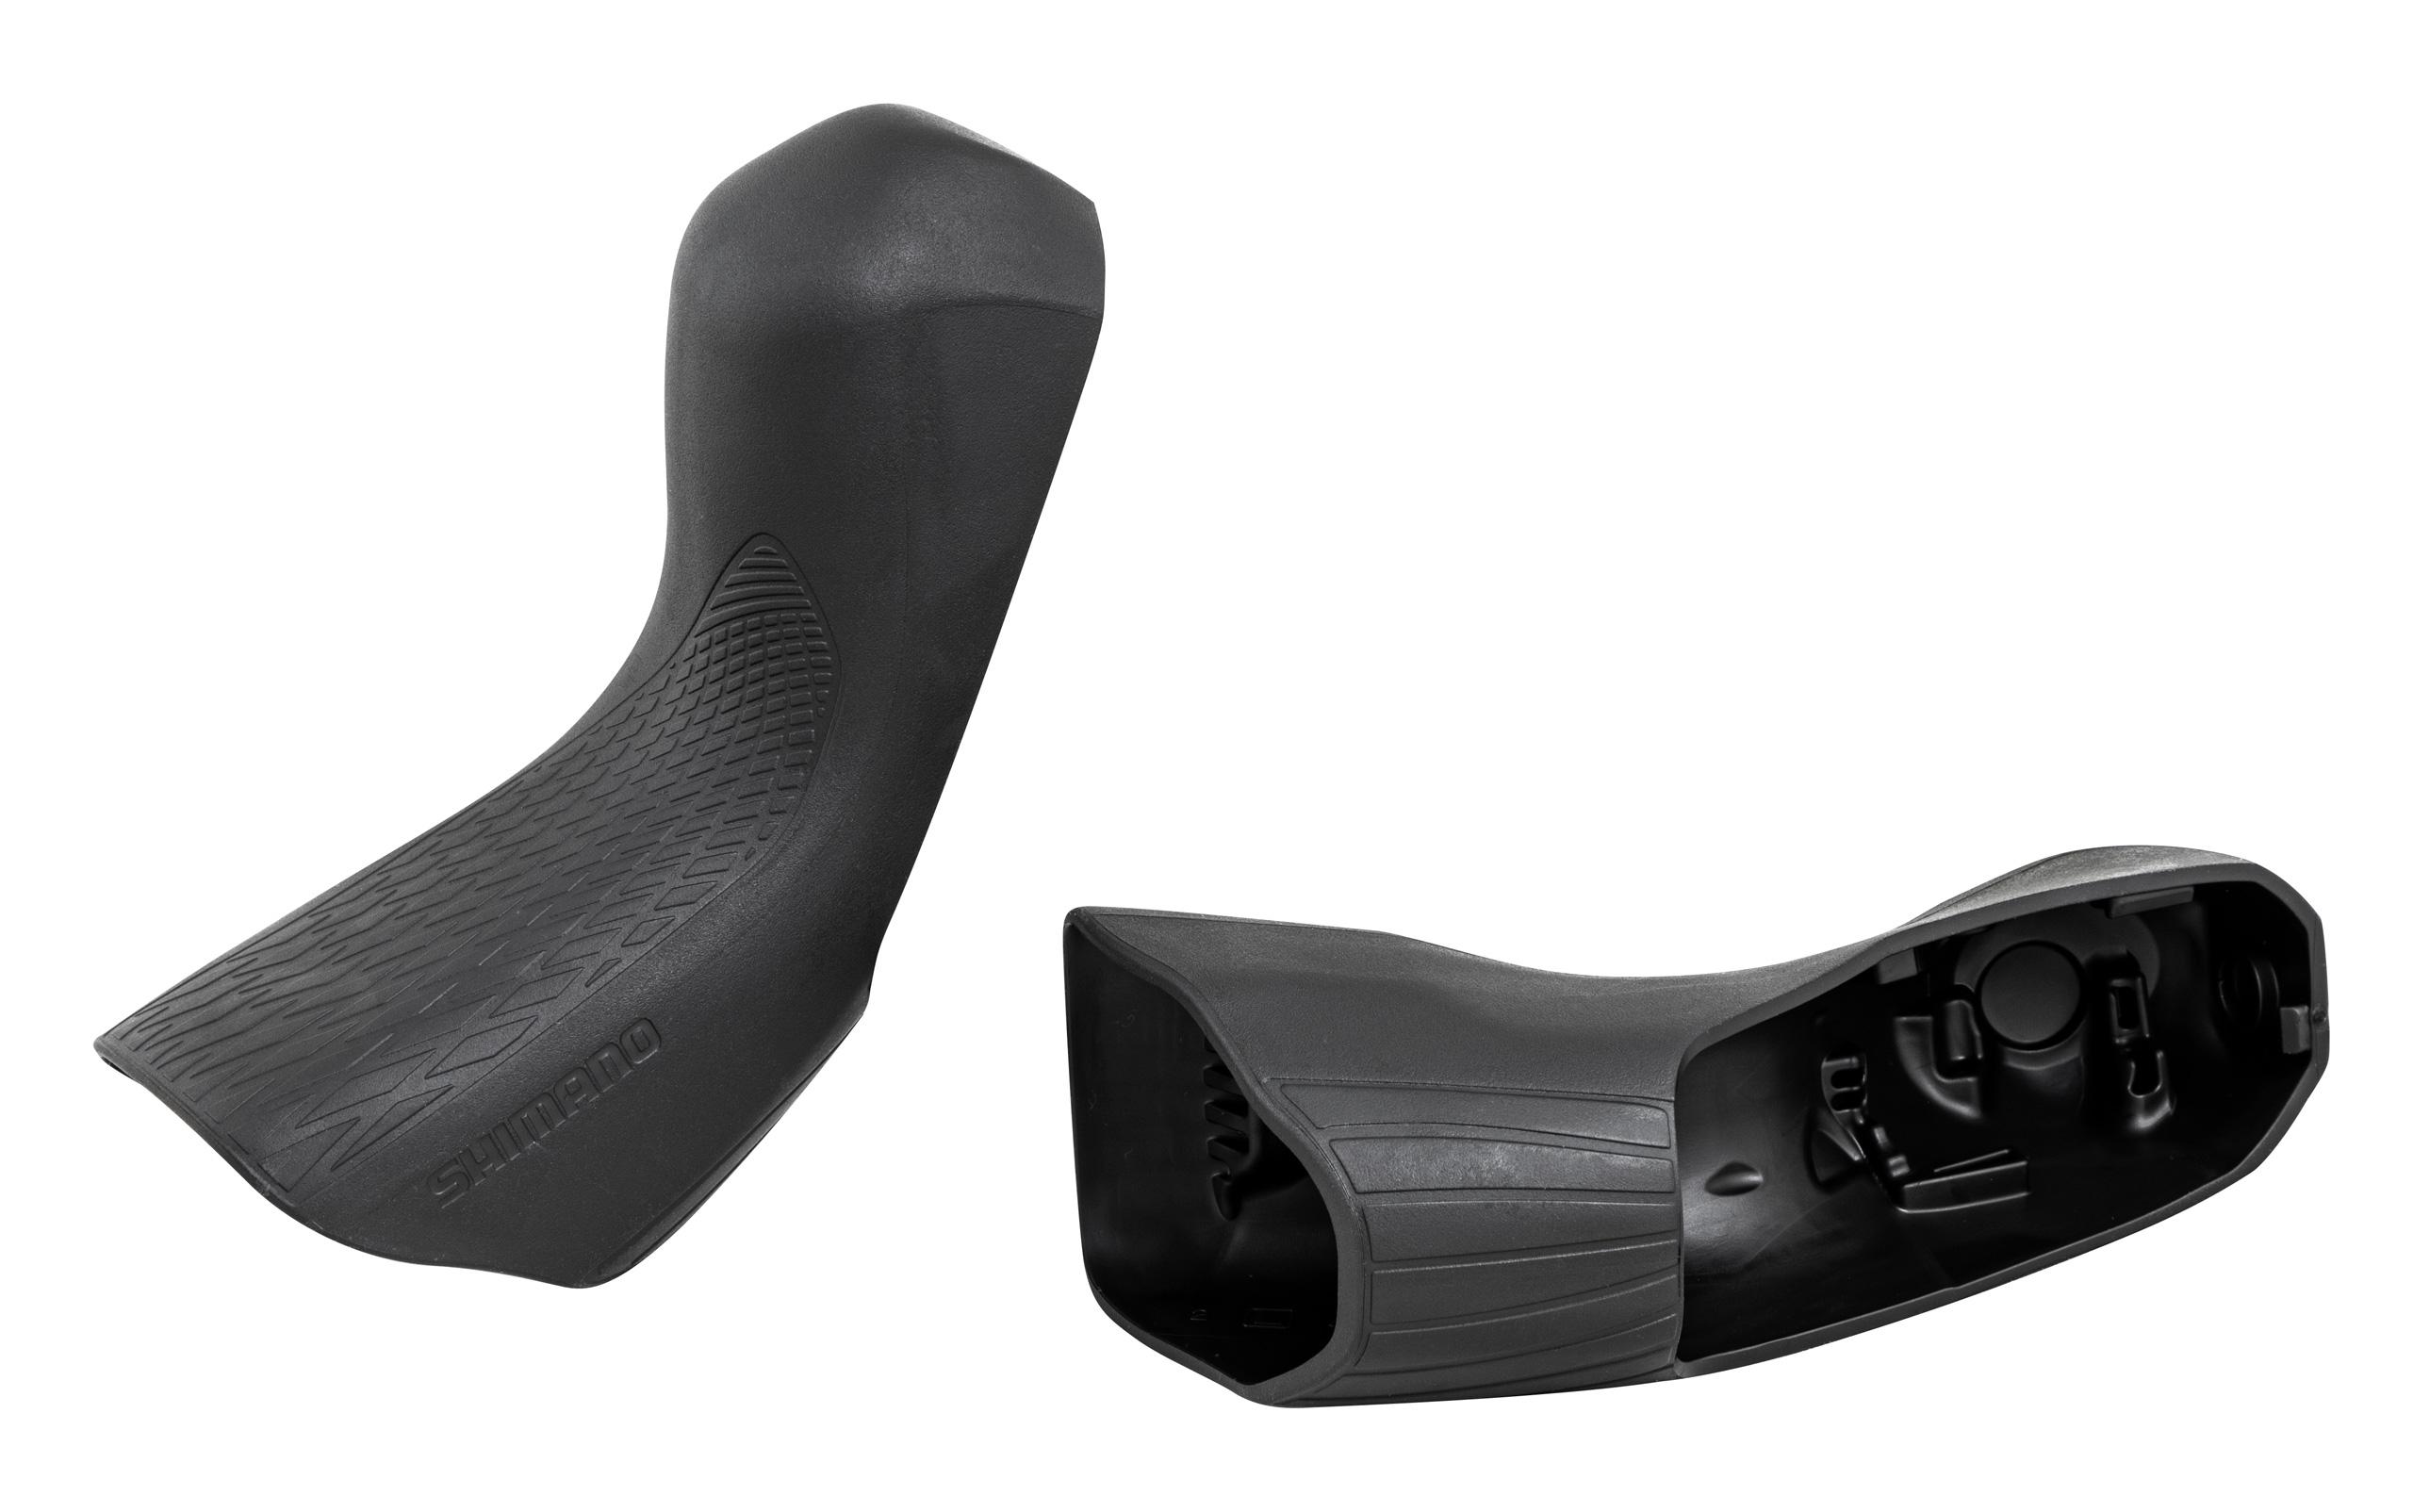 gumy na páky STR8020 černé